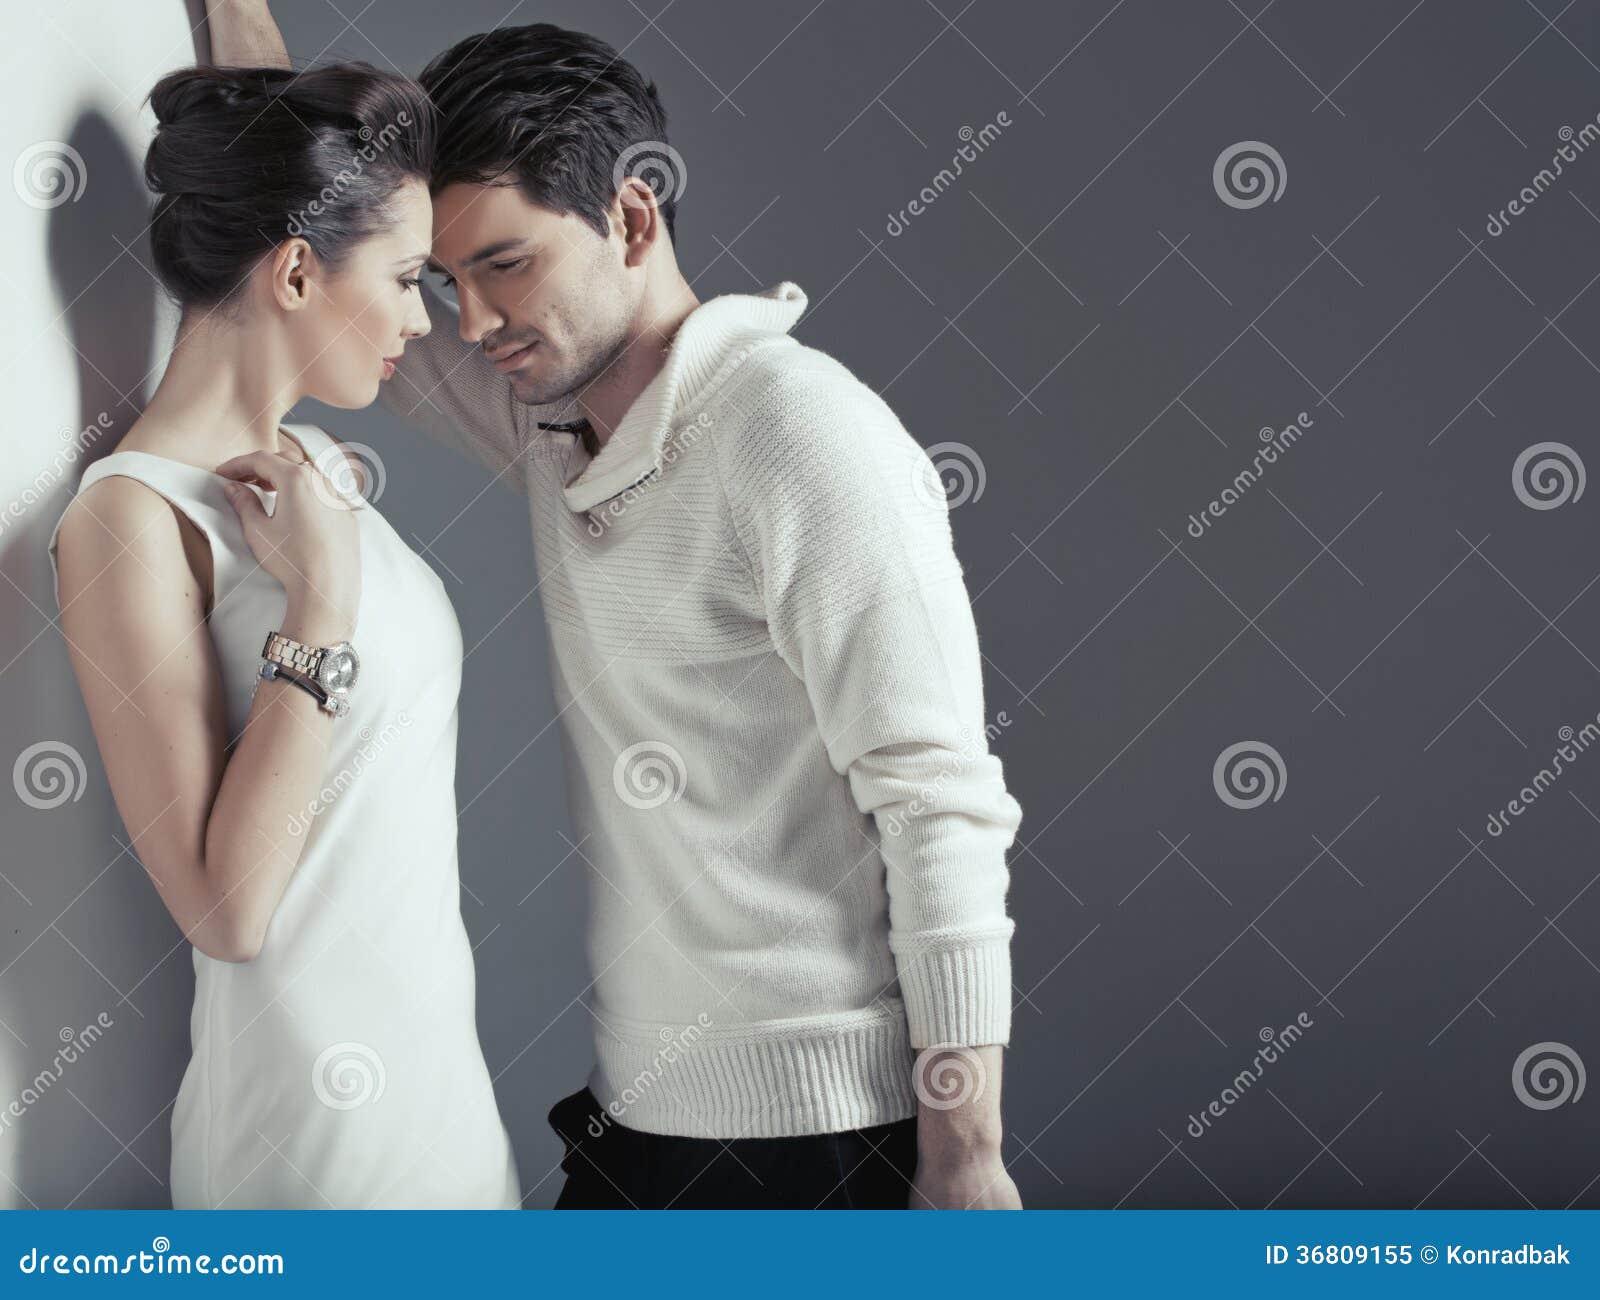 Sinnliche Szene von zwei jungen Liebhabern